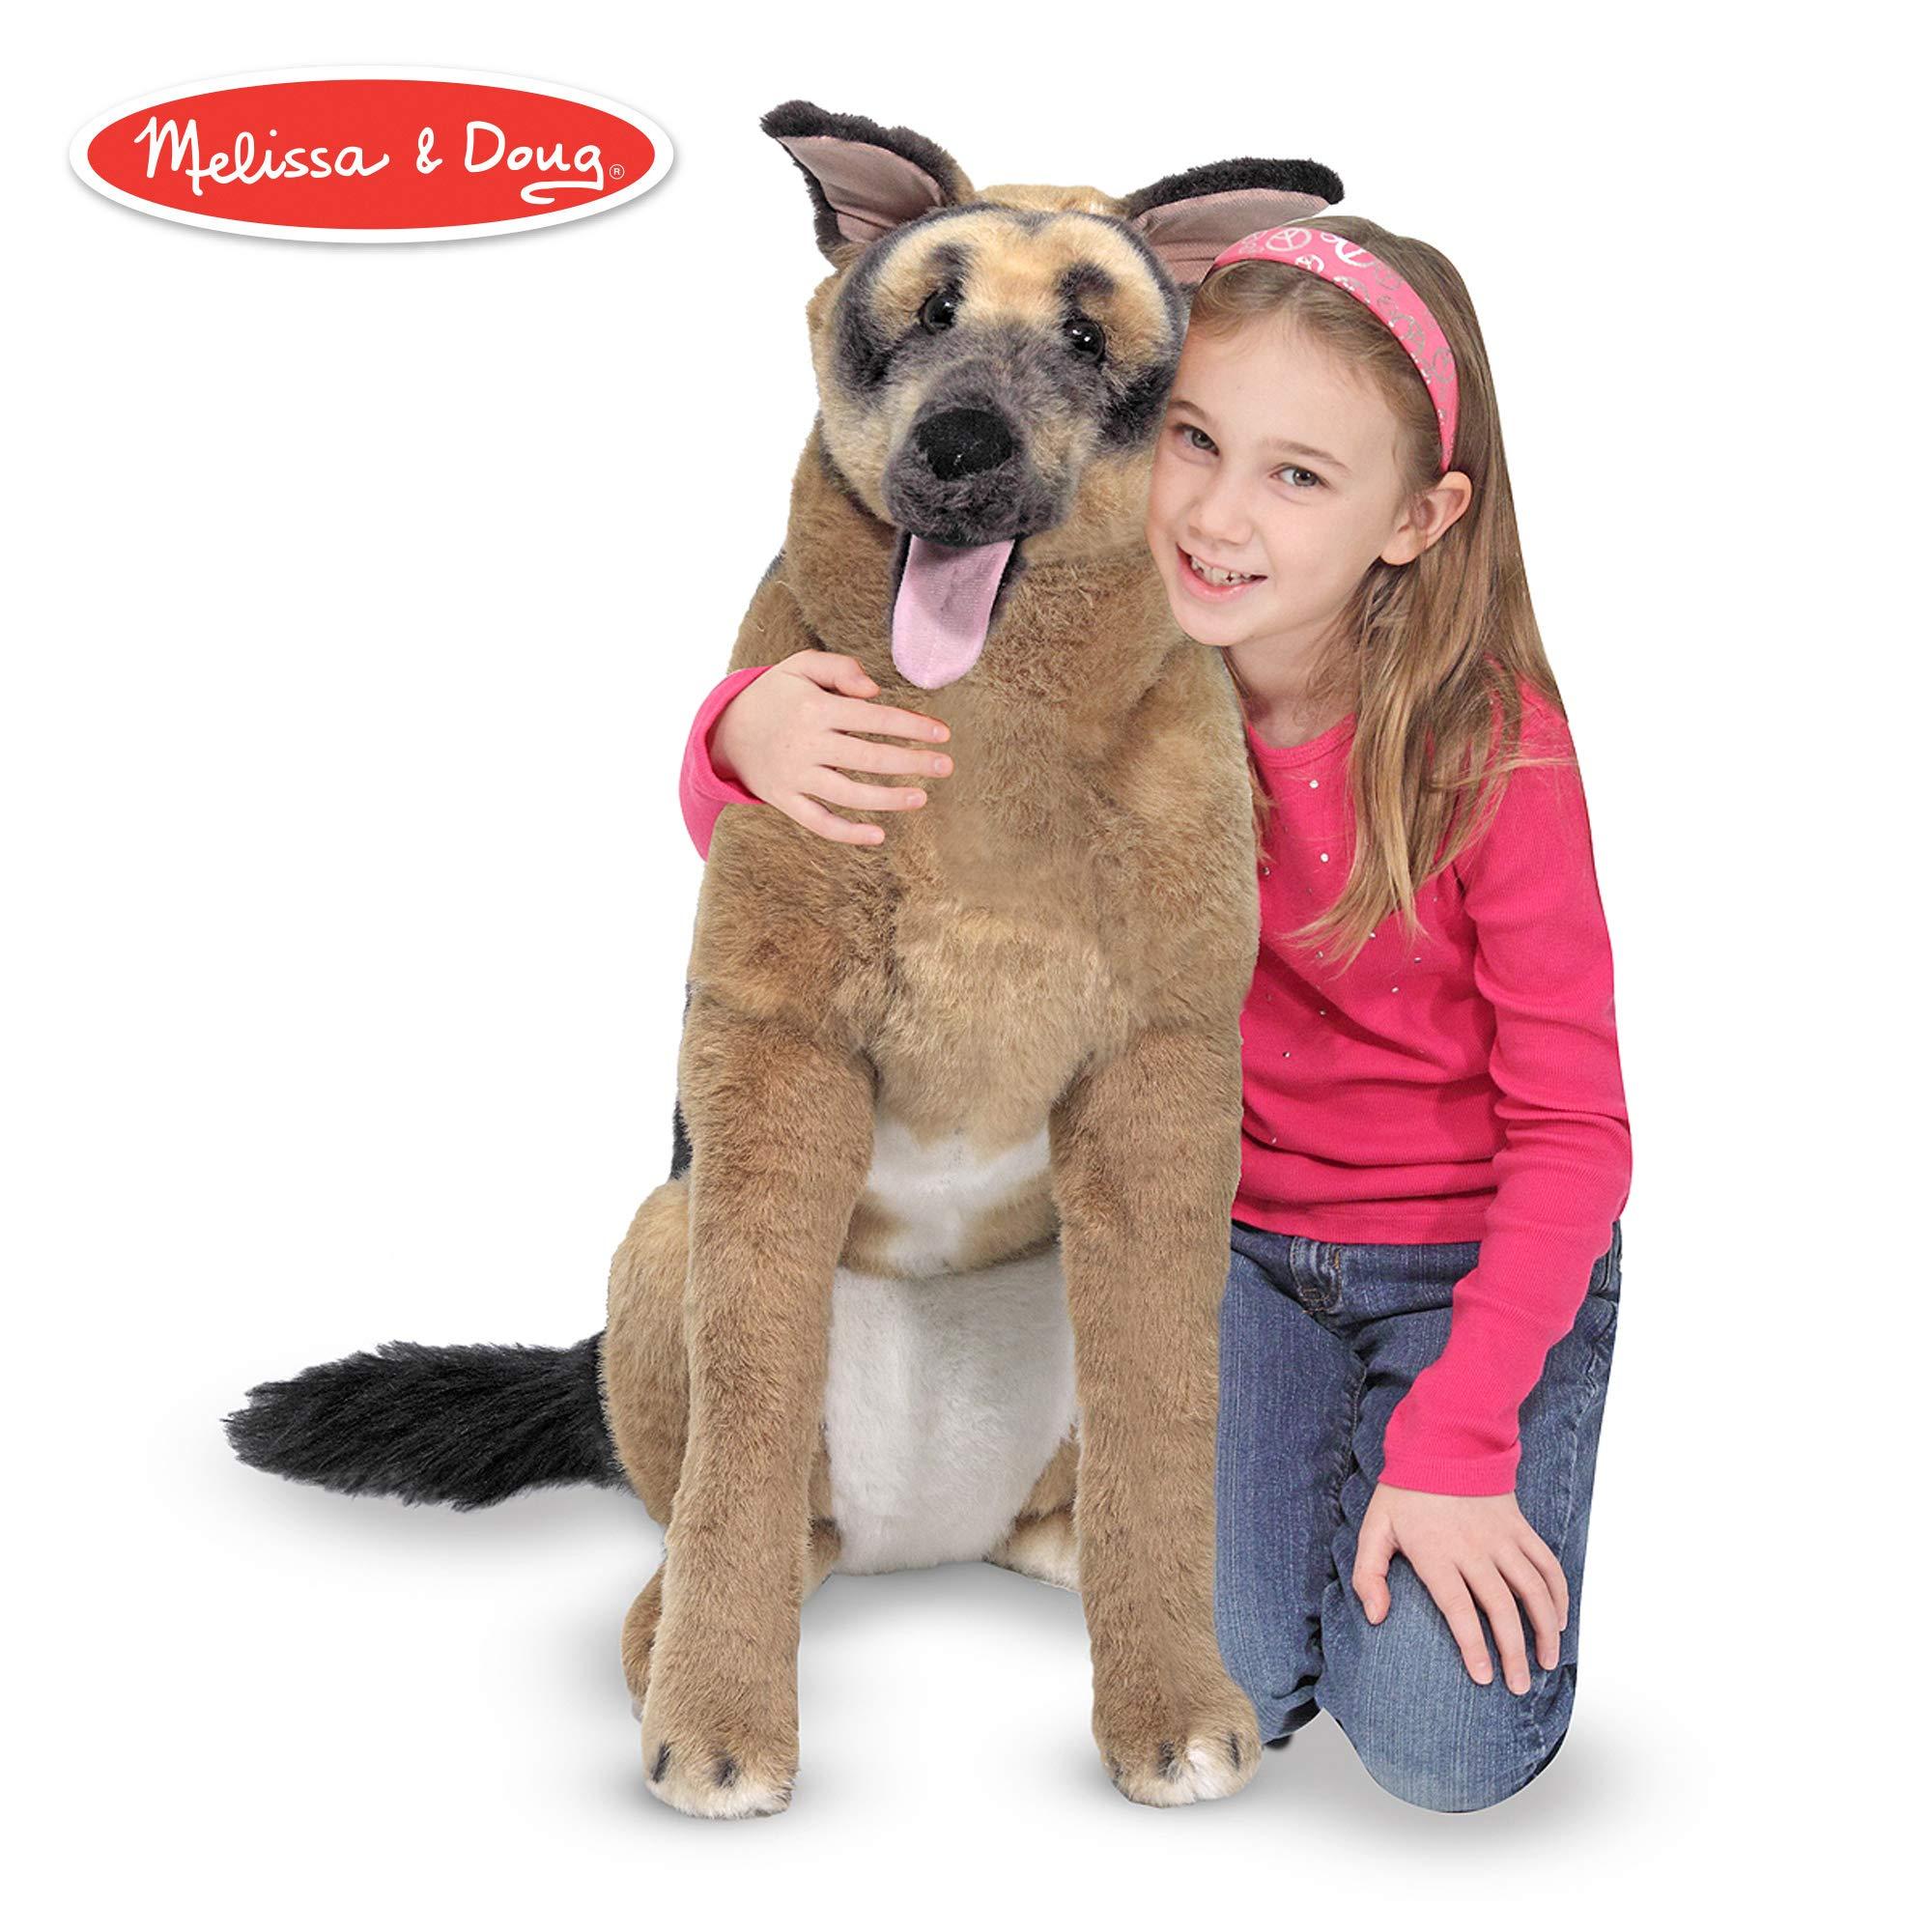 Melissa & Doug Giant German Shepherd - Lifelike Stuffed Animal Dog  (over 2 feet tall) by Melissa & Doug